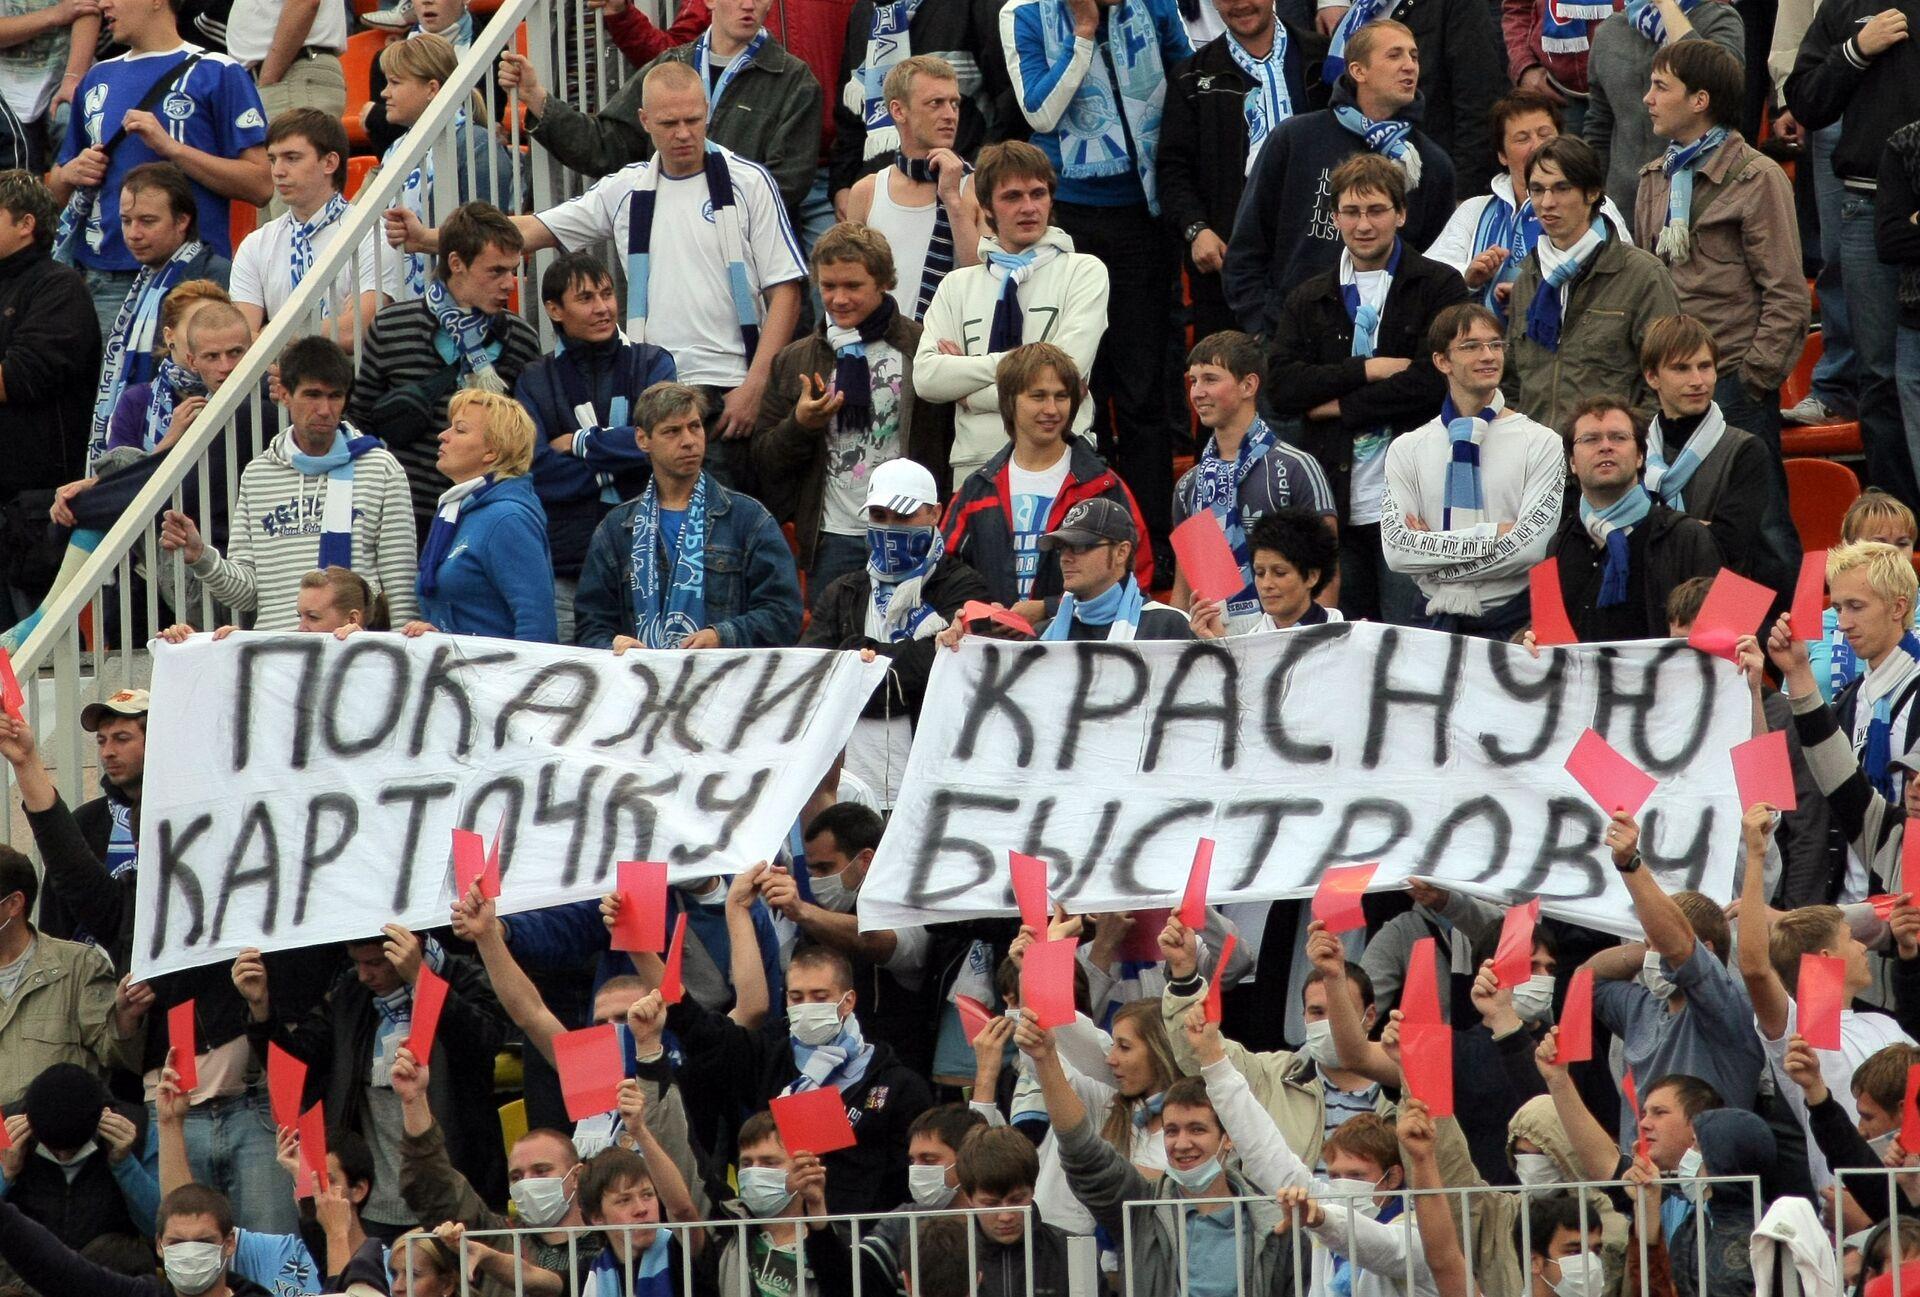 Болельщики Зенита - РИА Новости, 1920, 22.02.2021